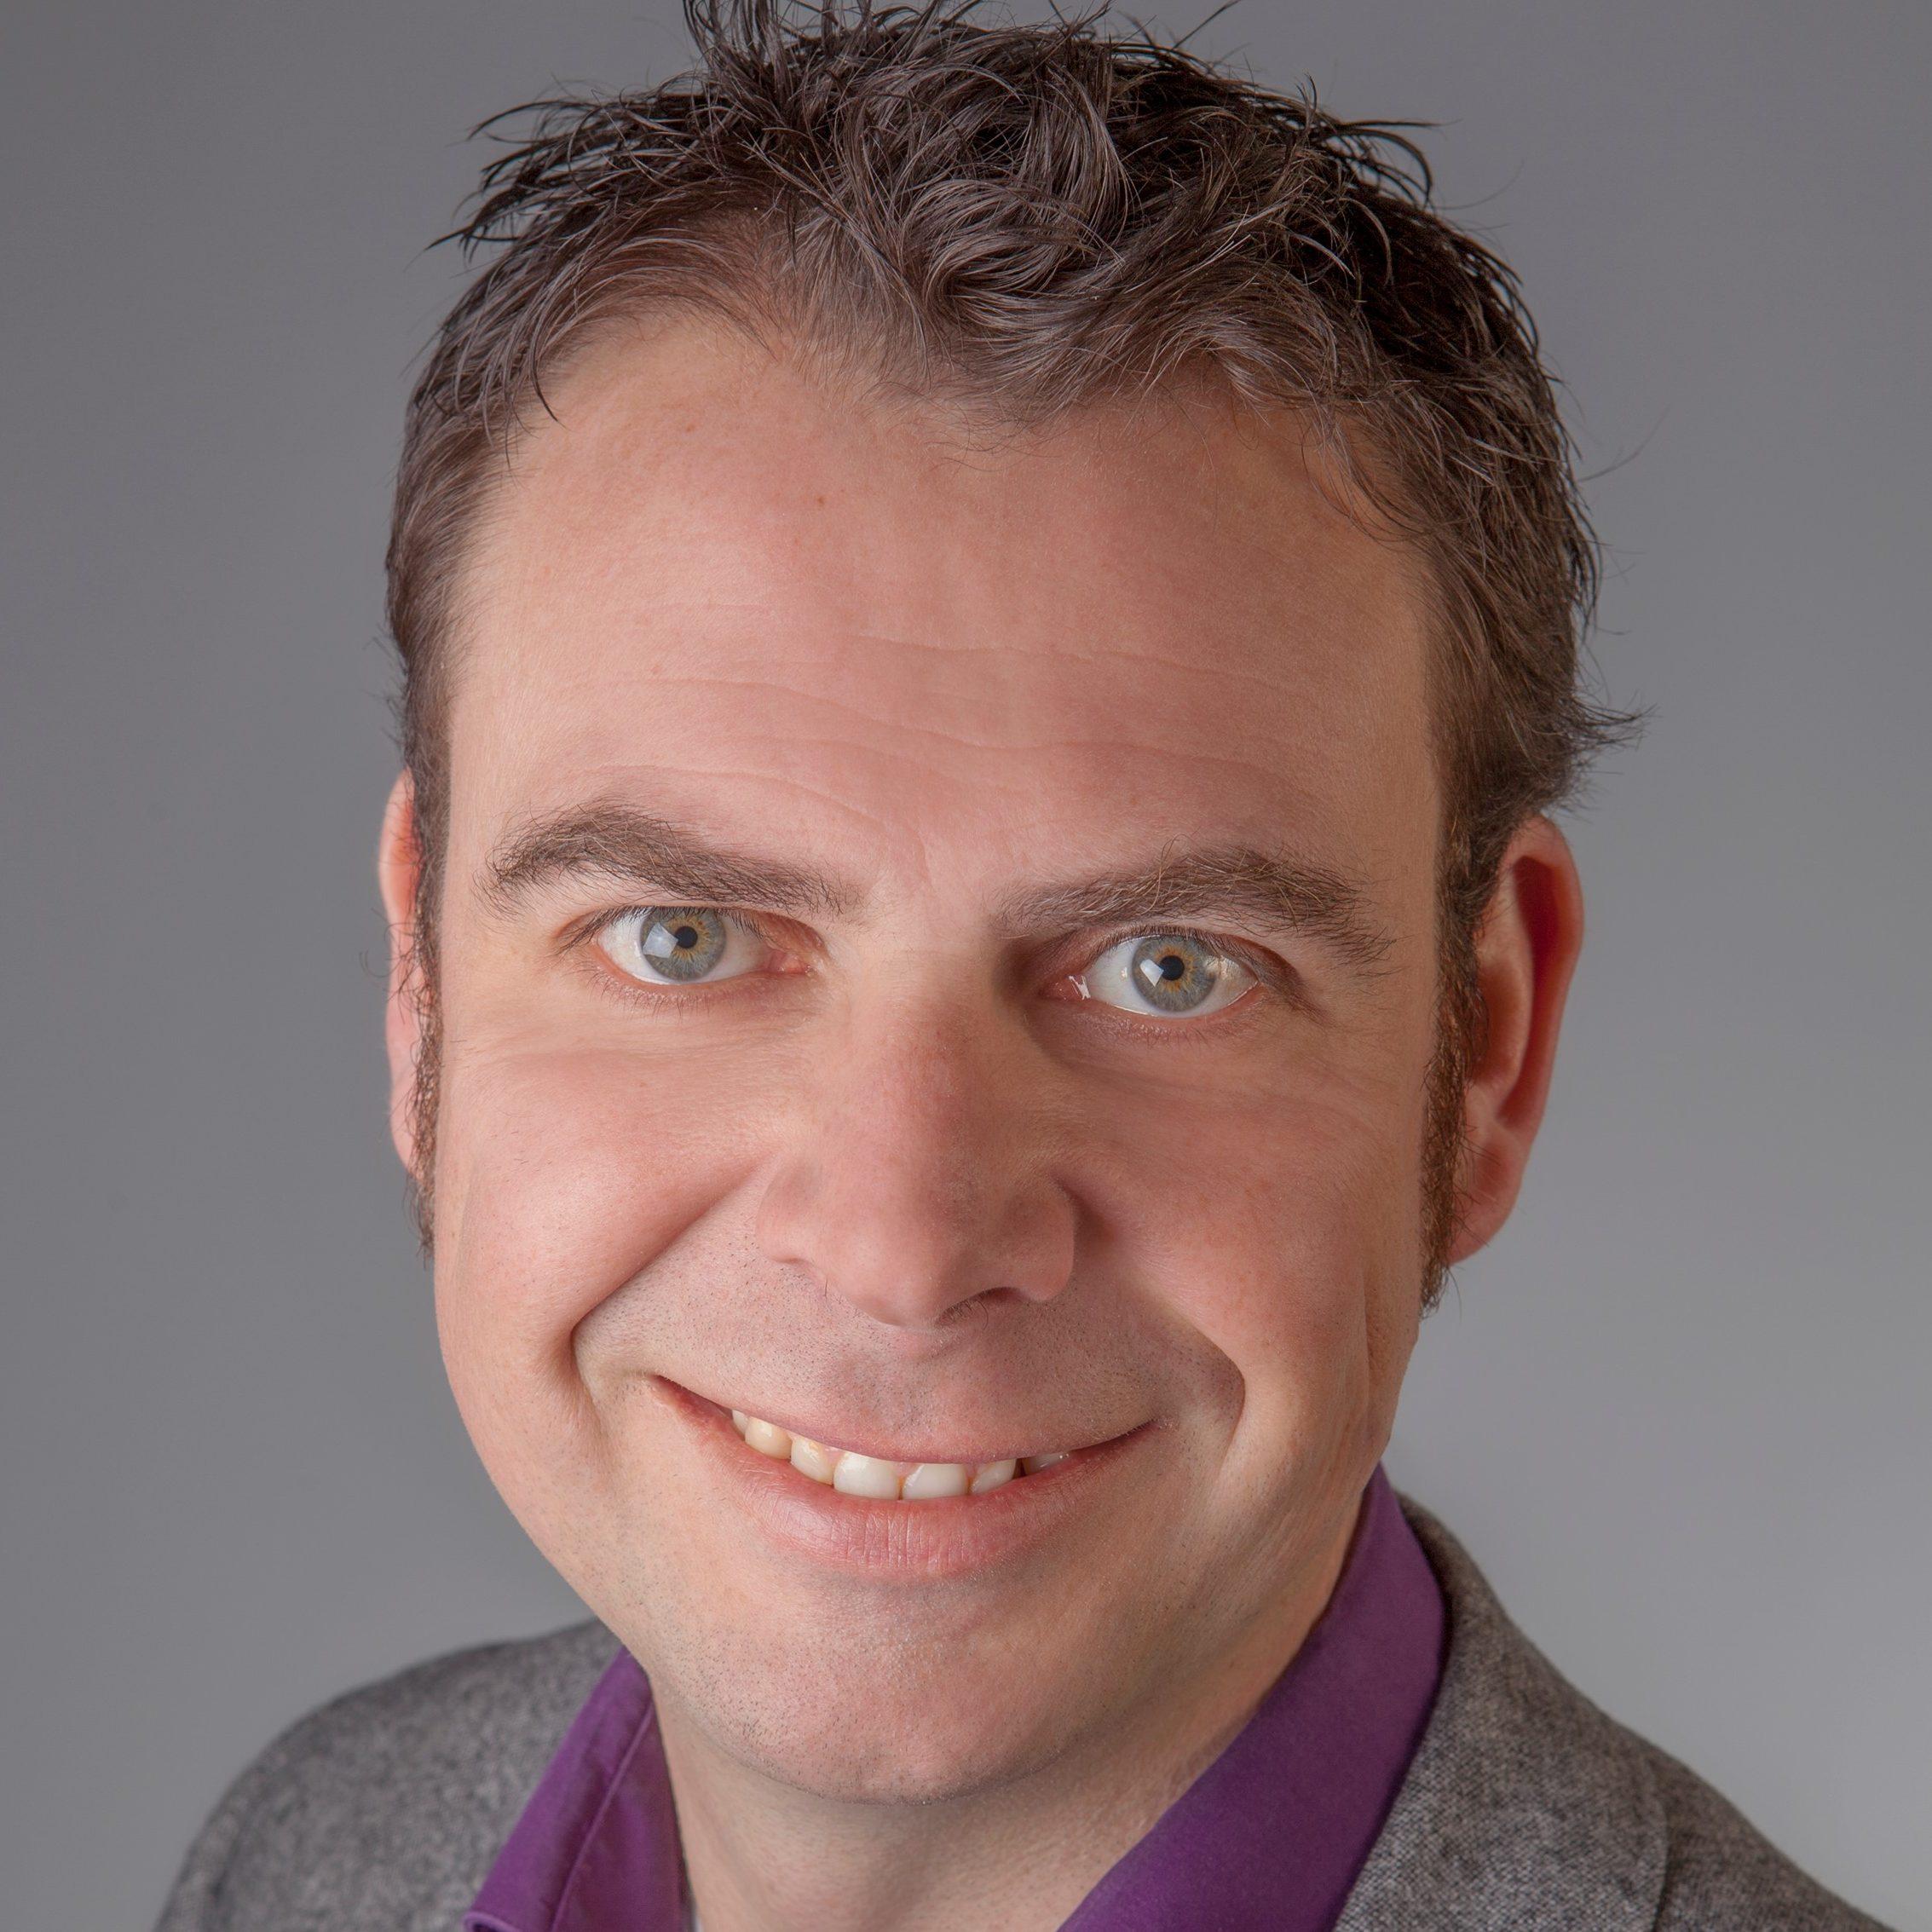 Markus Speich